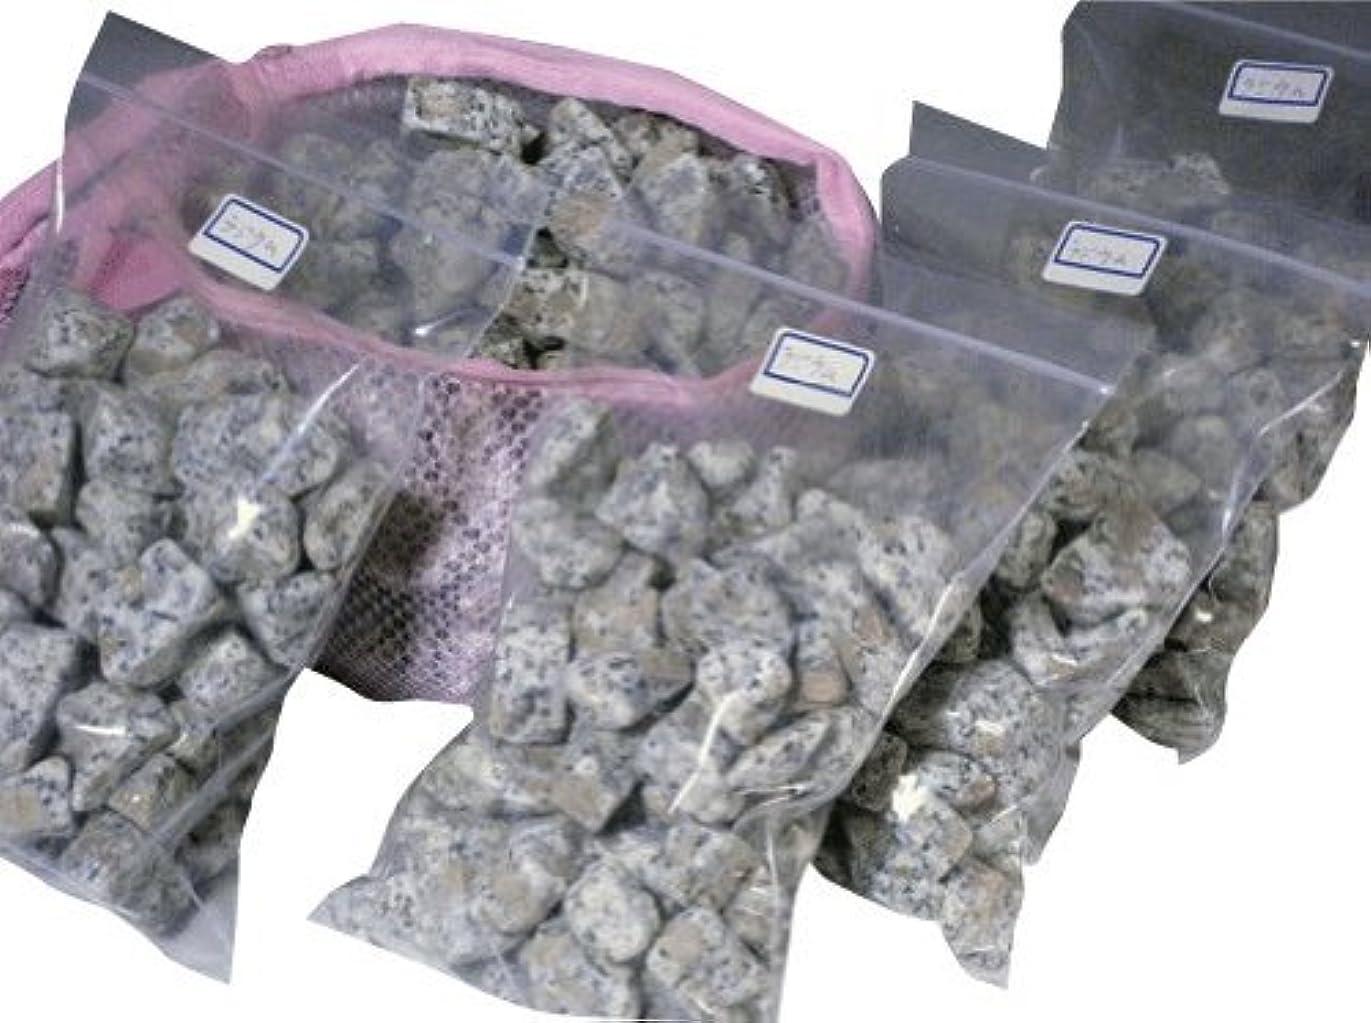 カップルどれか数ラジウム鉱石4kgセット?ネット付き【店長も4kg愛用】